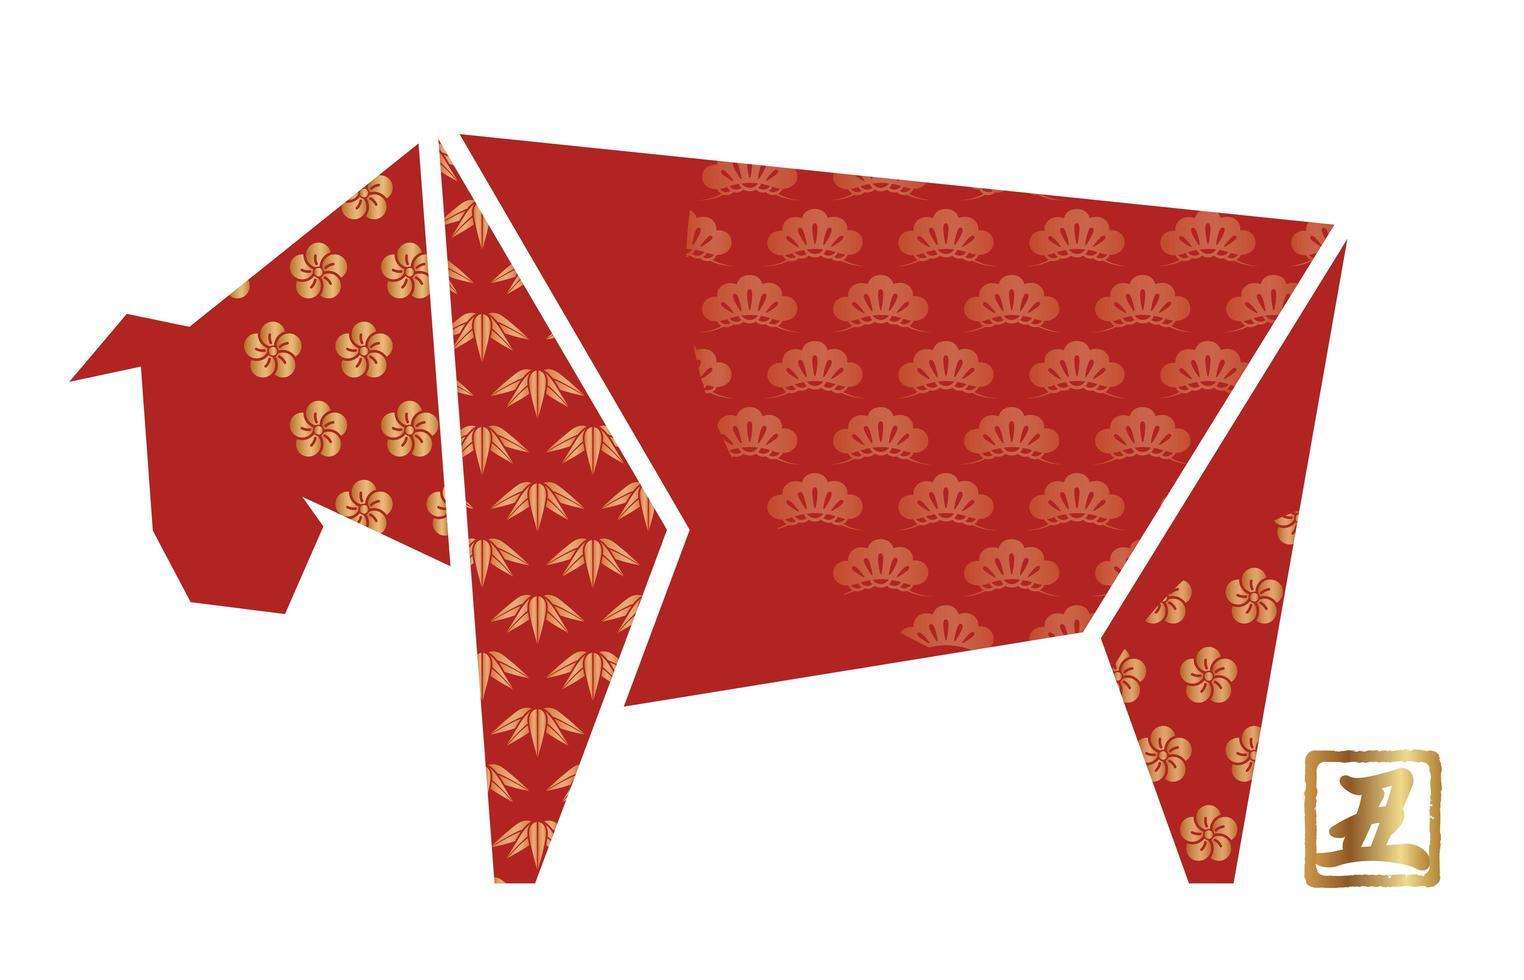 boeuf en origami avec motifs japonais vintage vecteur